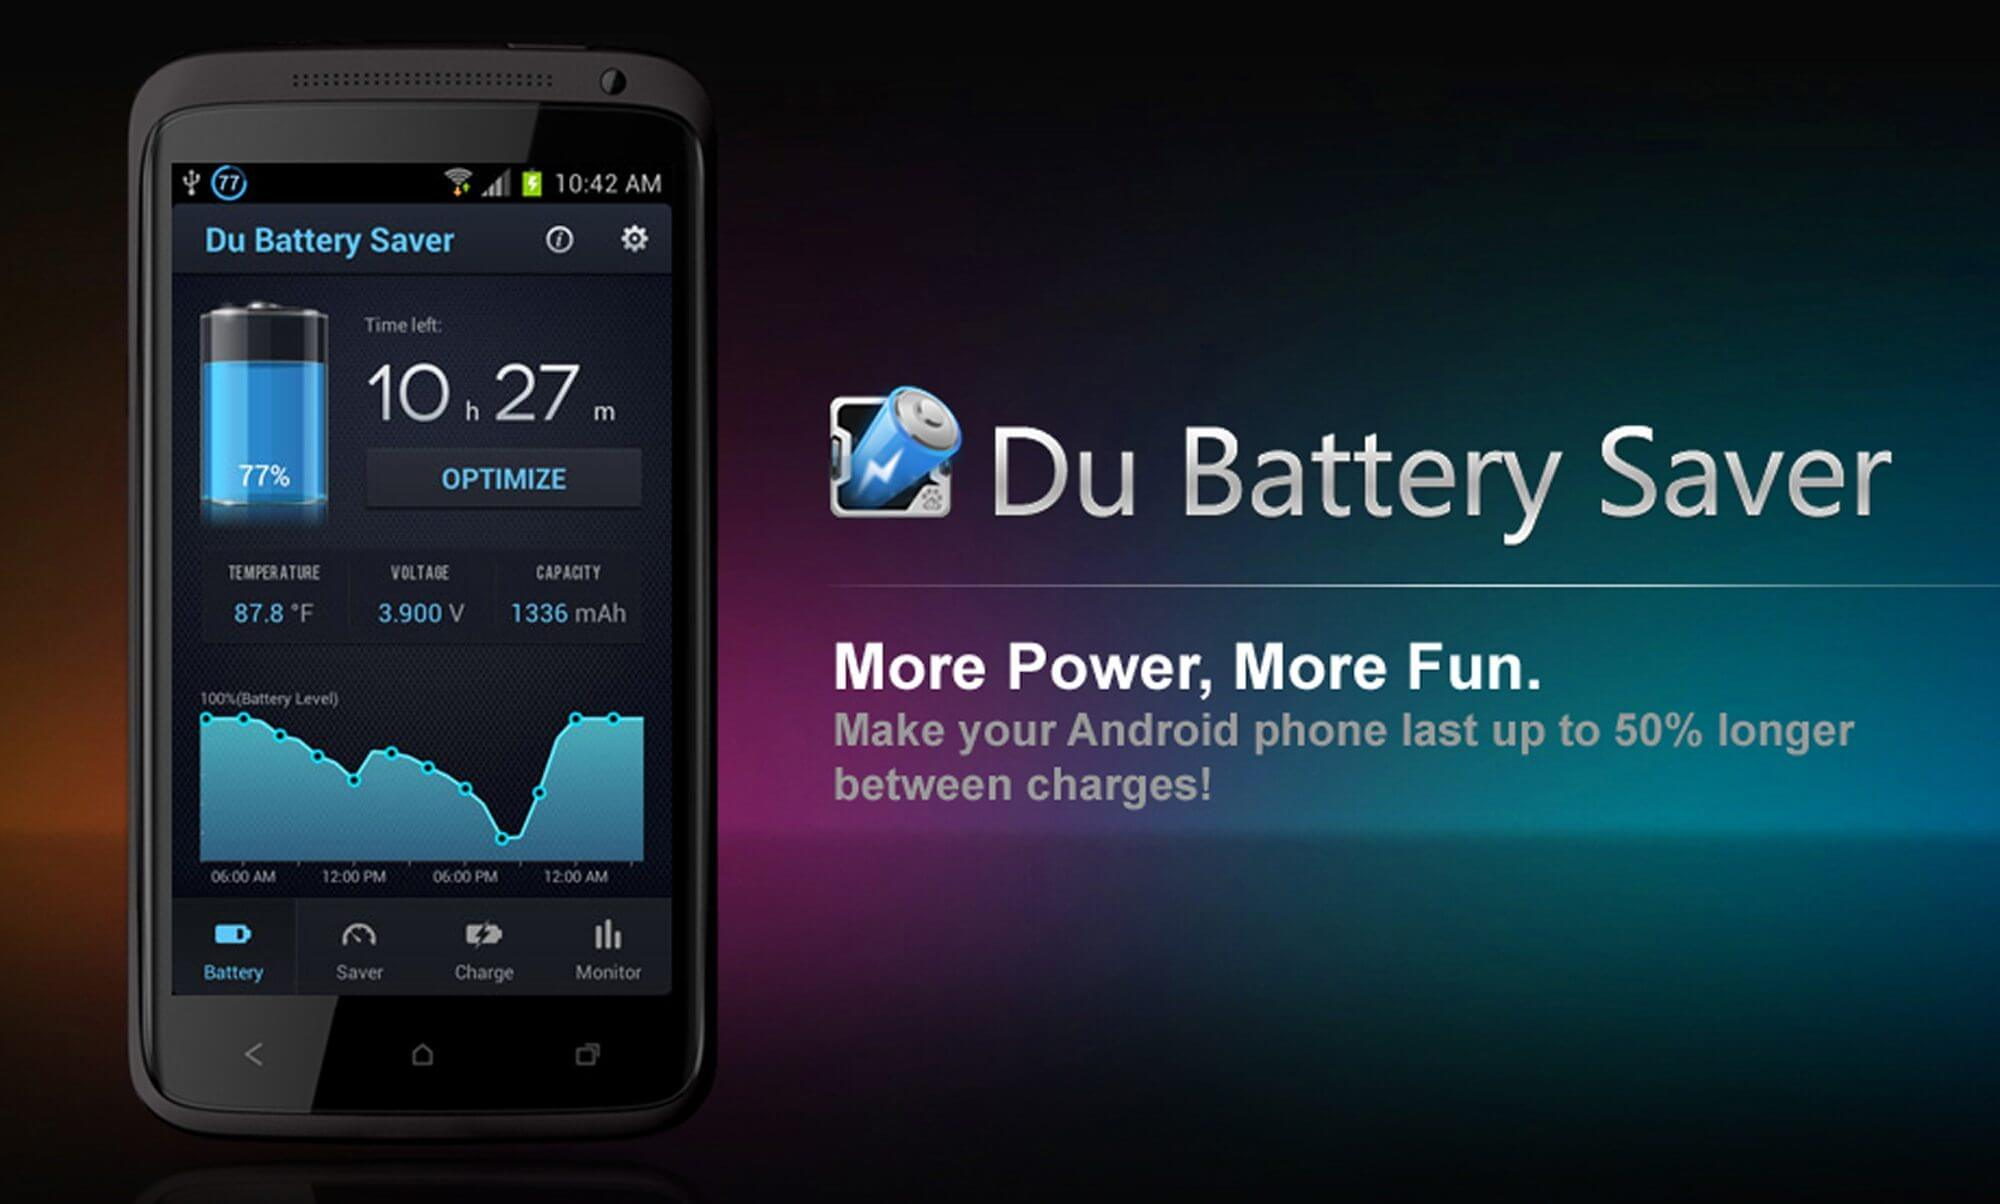 pic du battery saver - DU Battery Saver ajuda a gerenciar a bateria do seu dispositivo